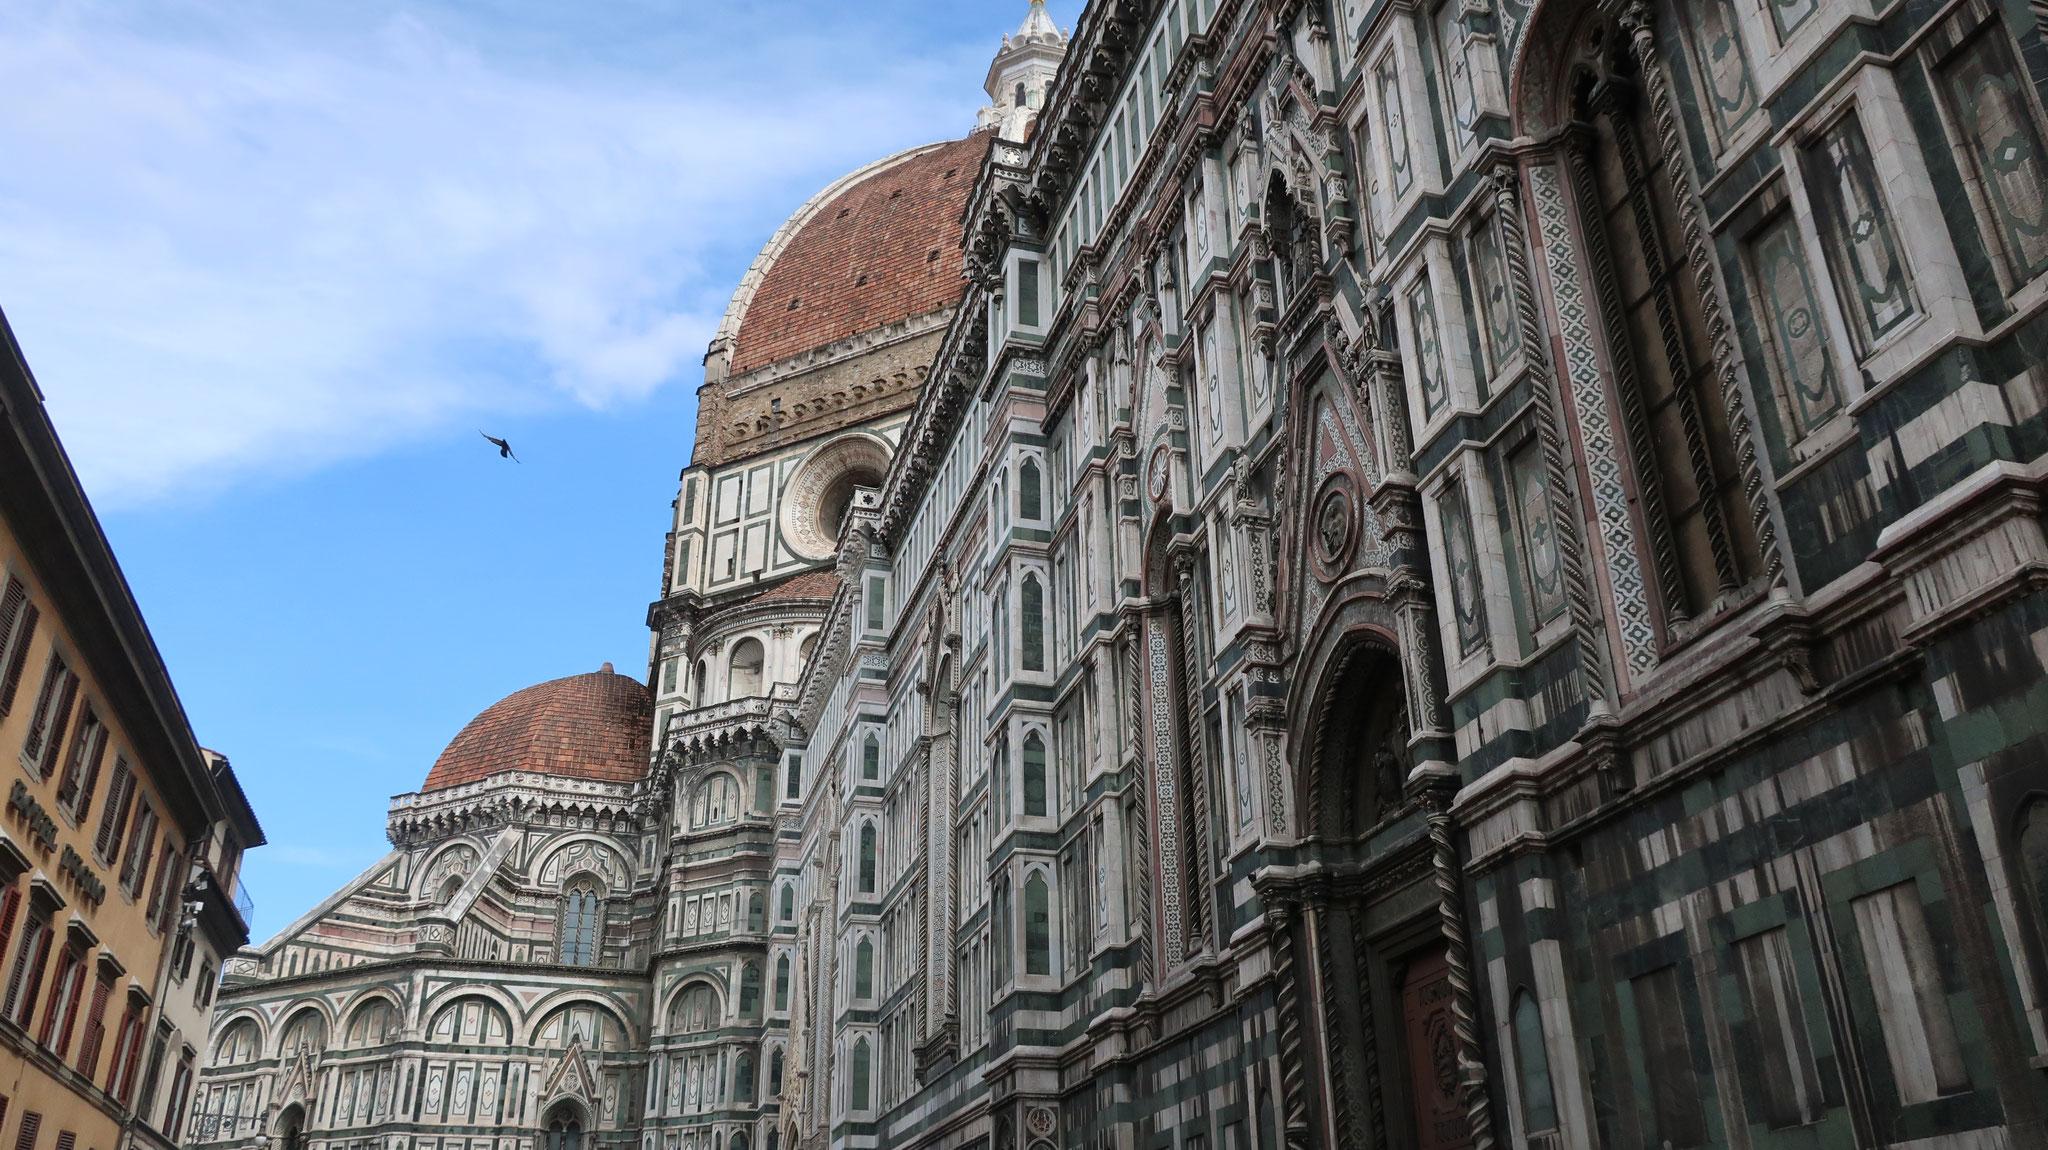 フィレンツェの象徴。 当時のフィレンツェの隆盛にふさわしく、「できる限り荘厳かつ豪勢」を旨として、13世紀、A.ディ・カンビオによって建築が始められました。